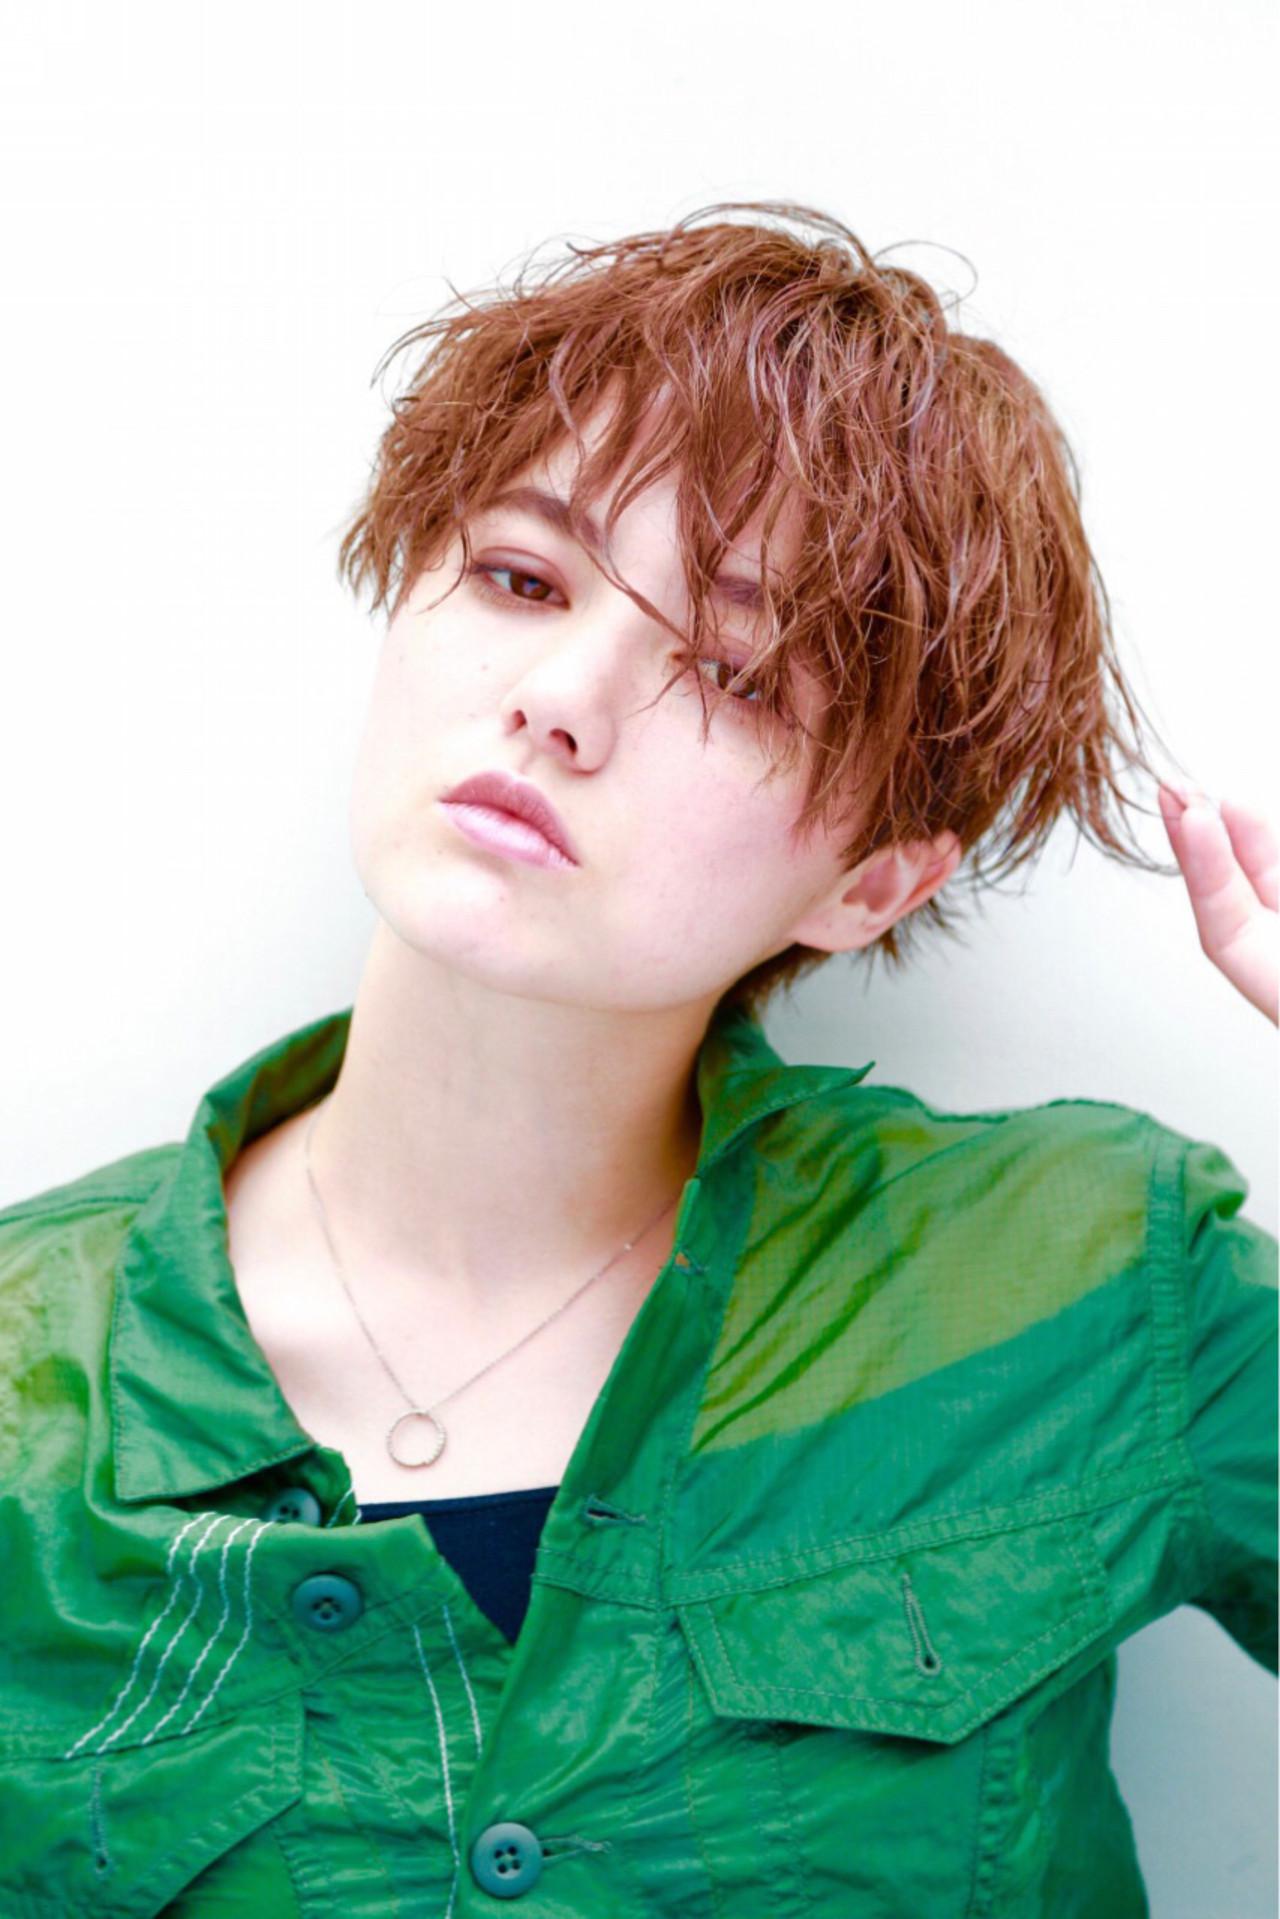 マニッシュ ショート 小顔 ストリート ヘアスタイルや髪型の写真・画像 | KAE / NORA HAIR SALON